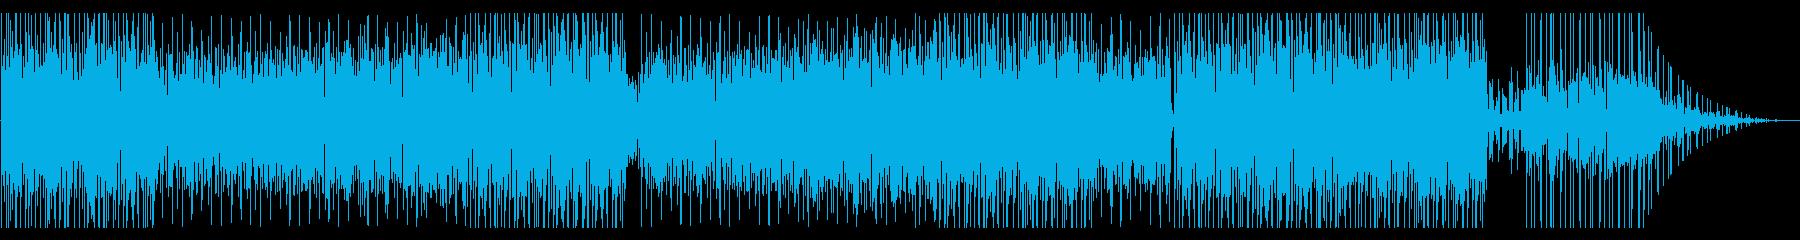 生トランペットの泥臭いファンクの再生済みの波形